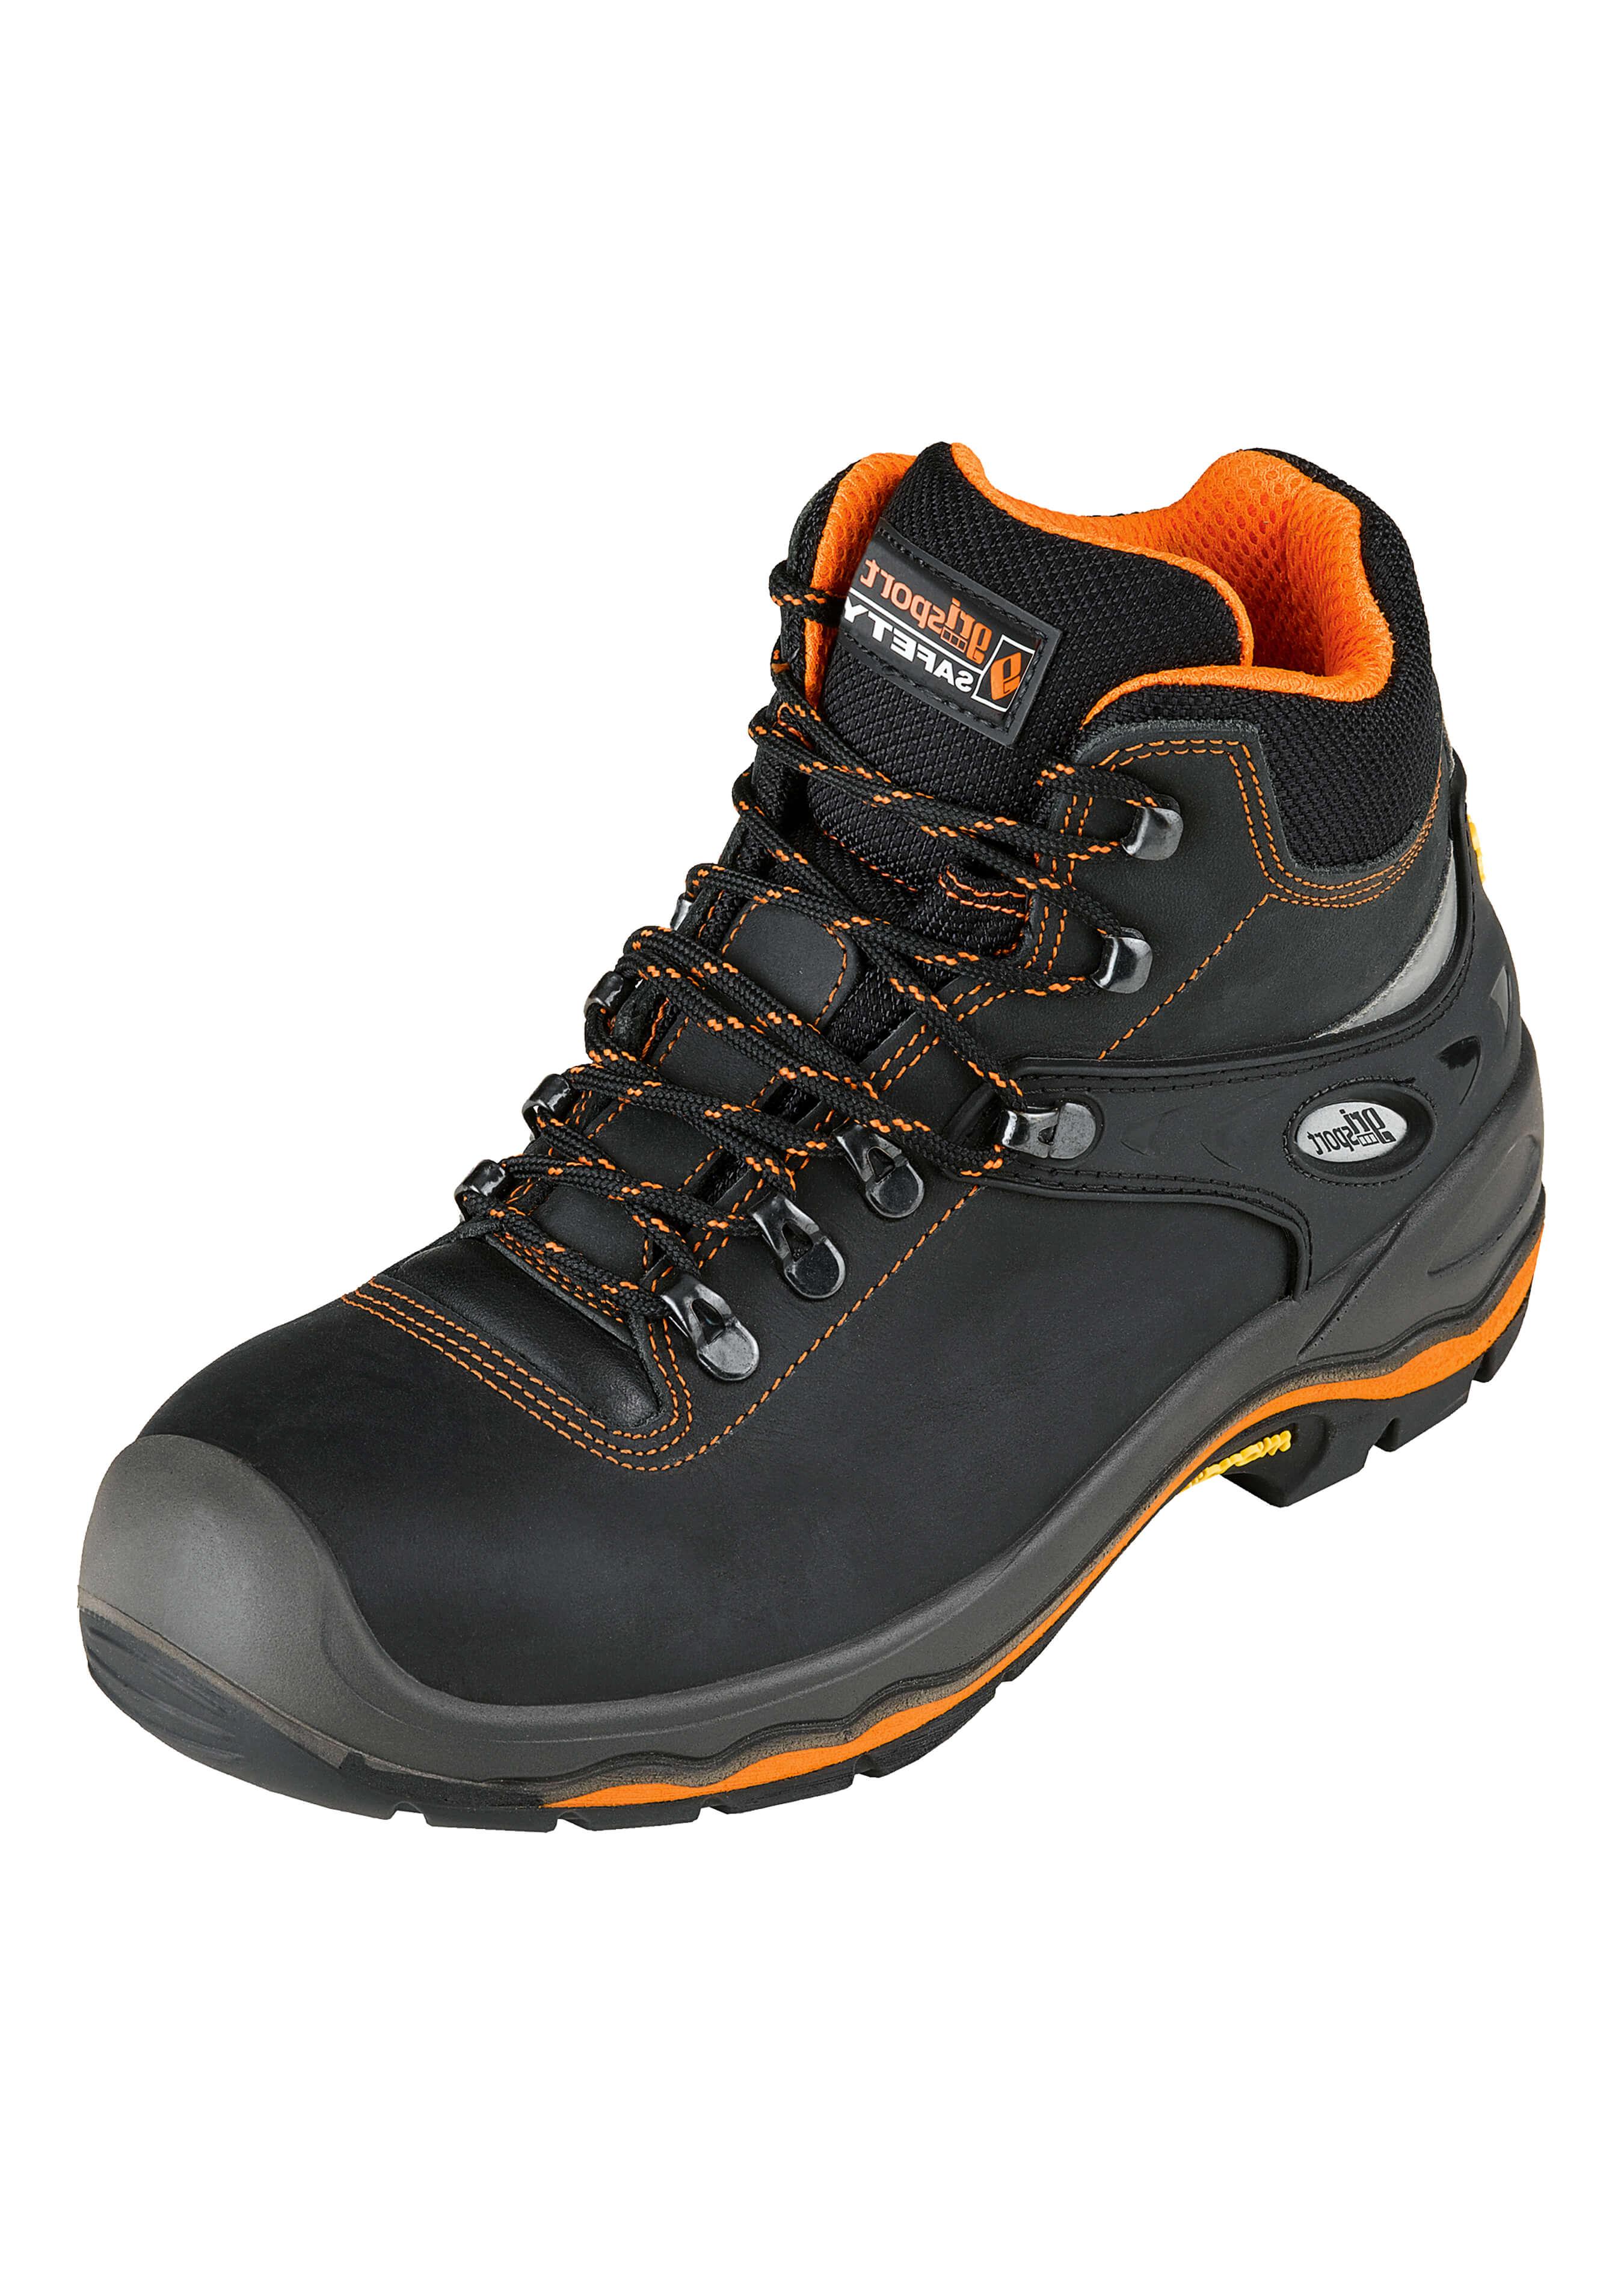 Chaussures de sécurité Bottine S3 L494336 1